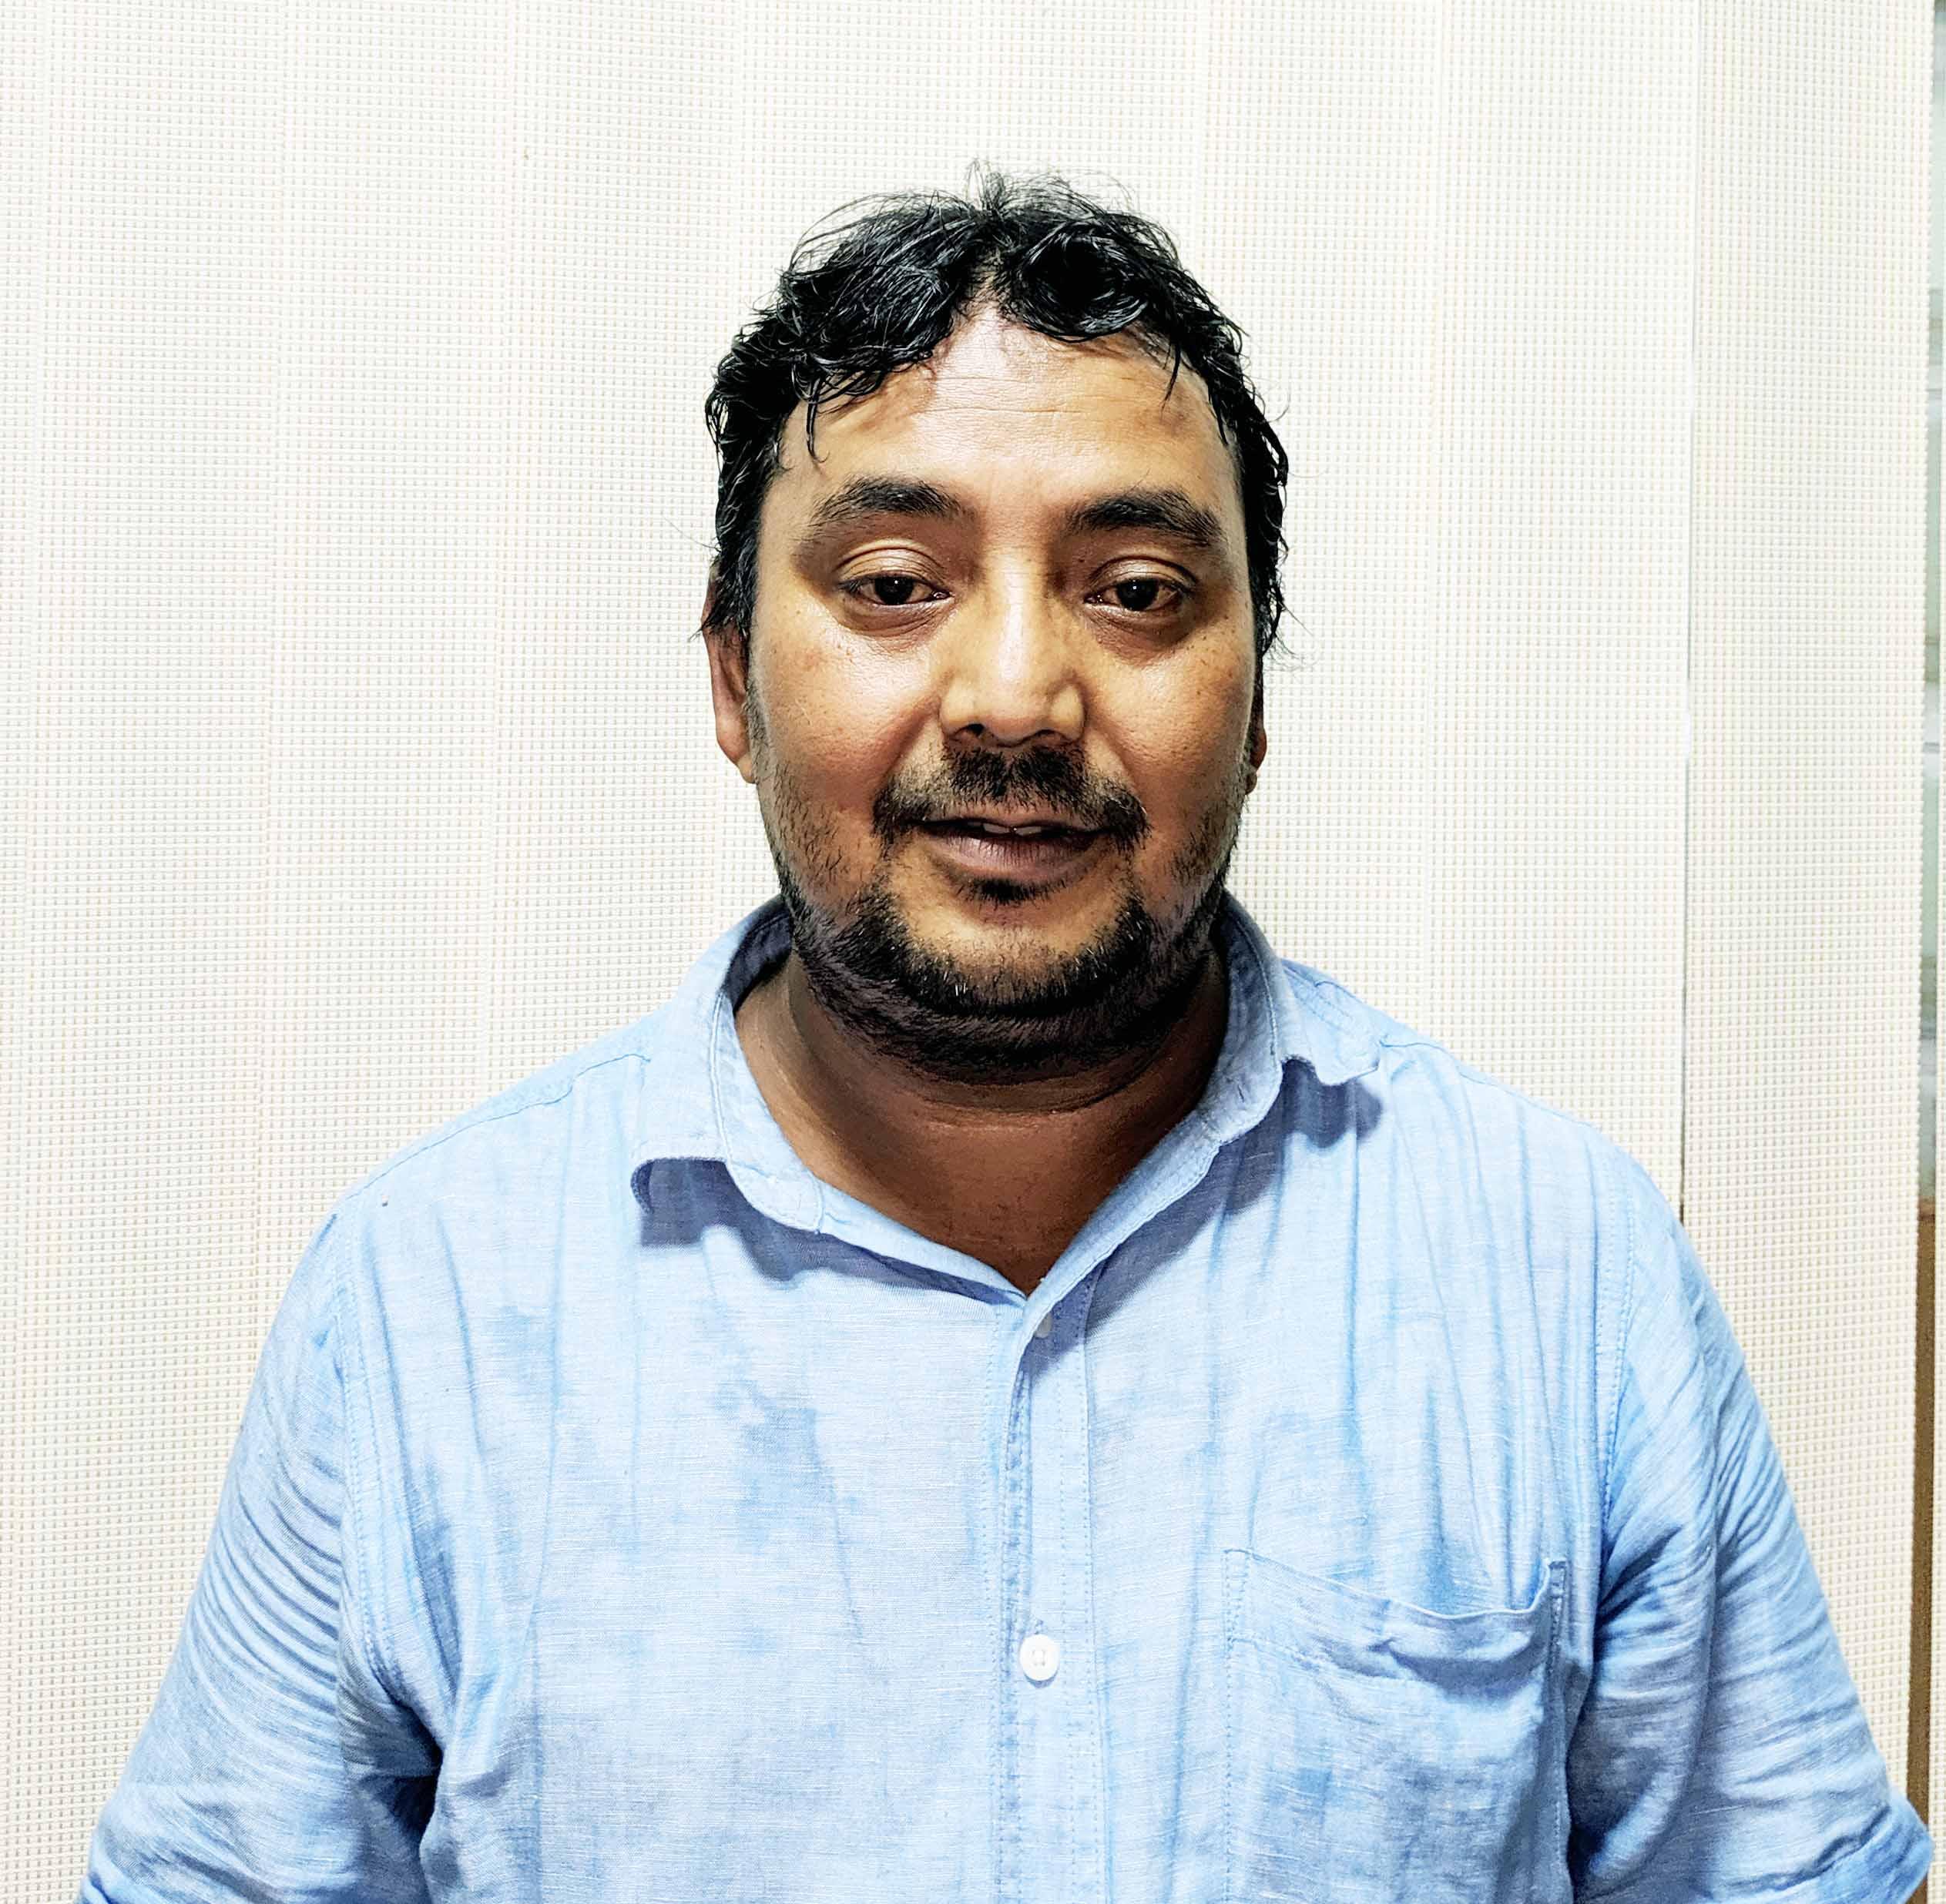 Mr. Raju Shrestha